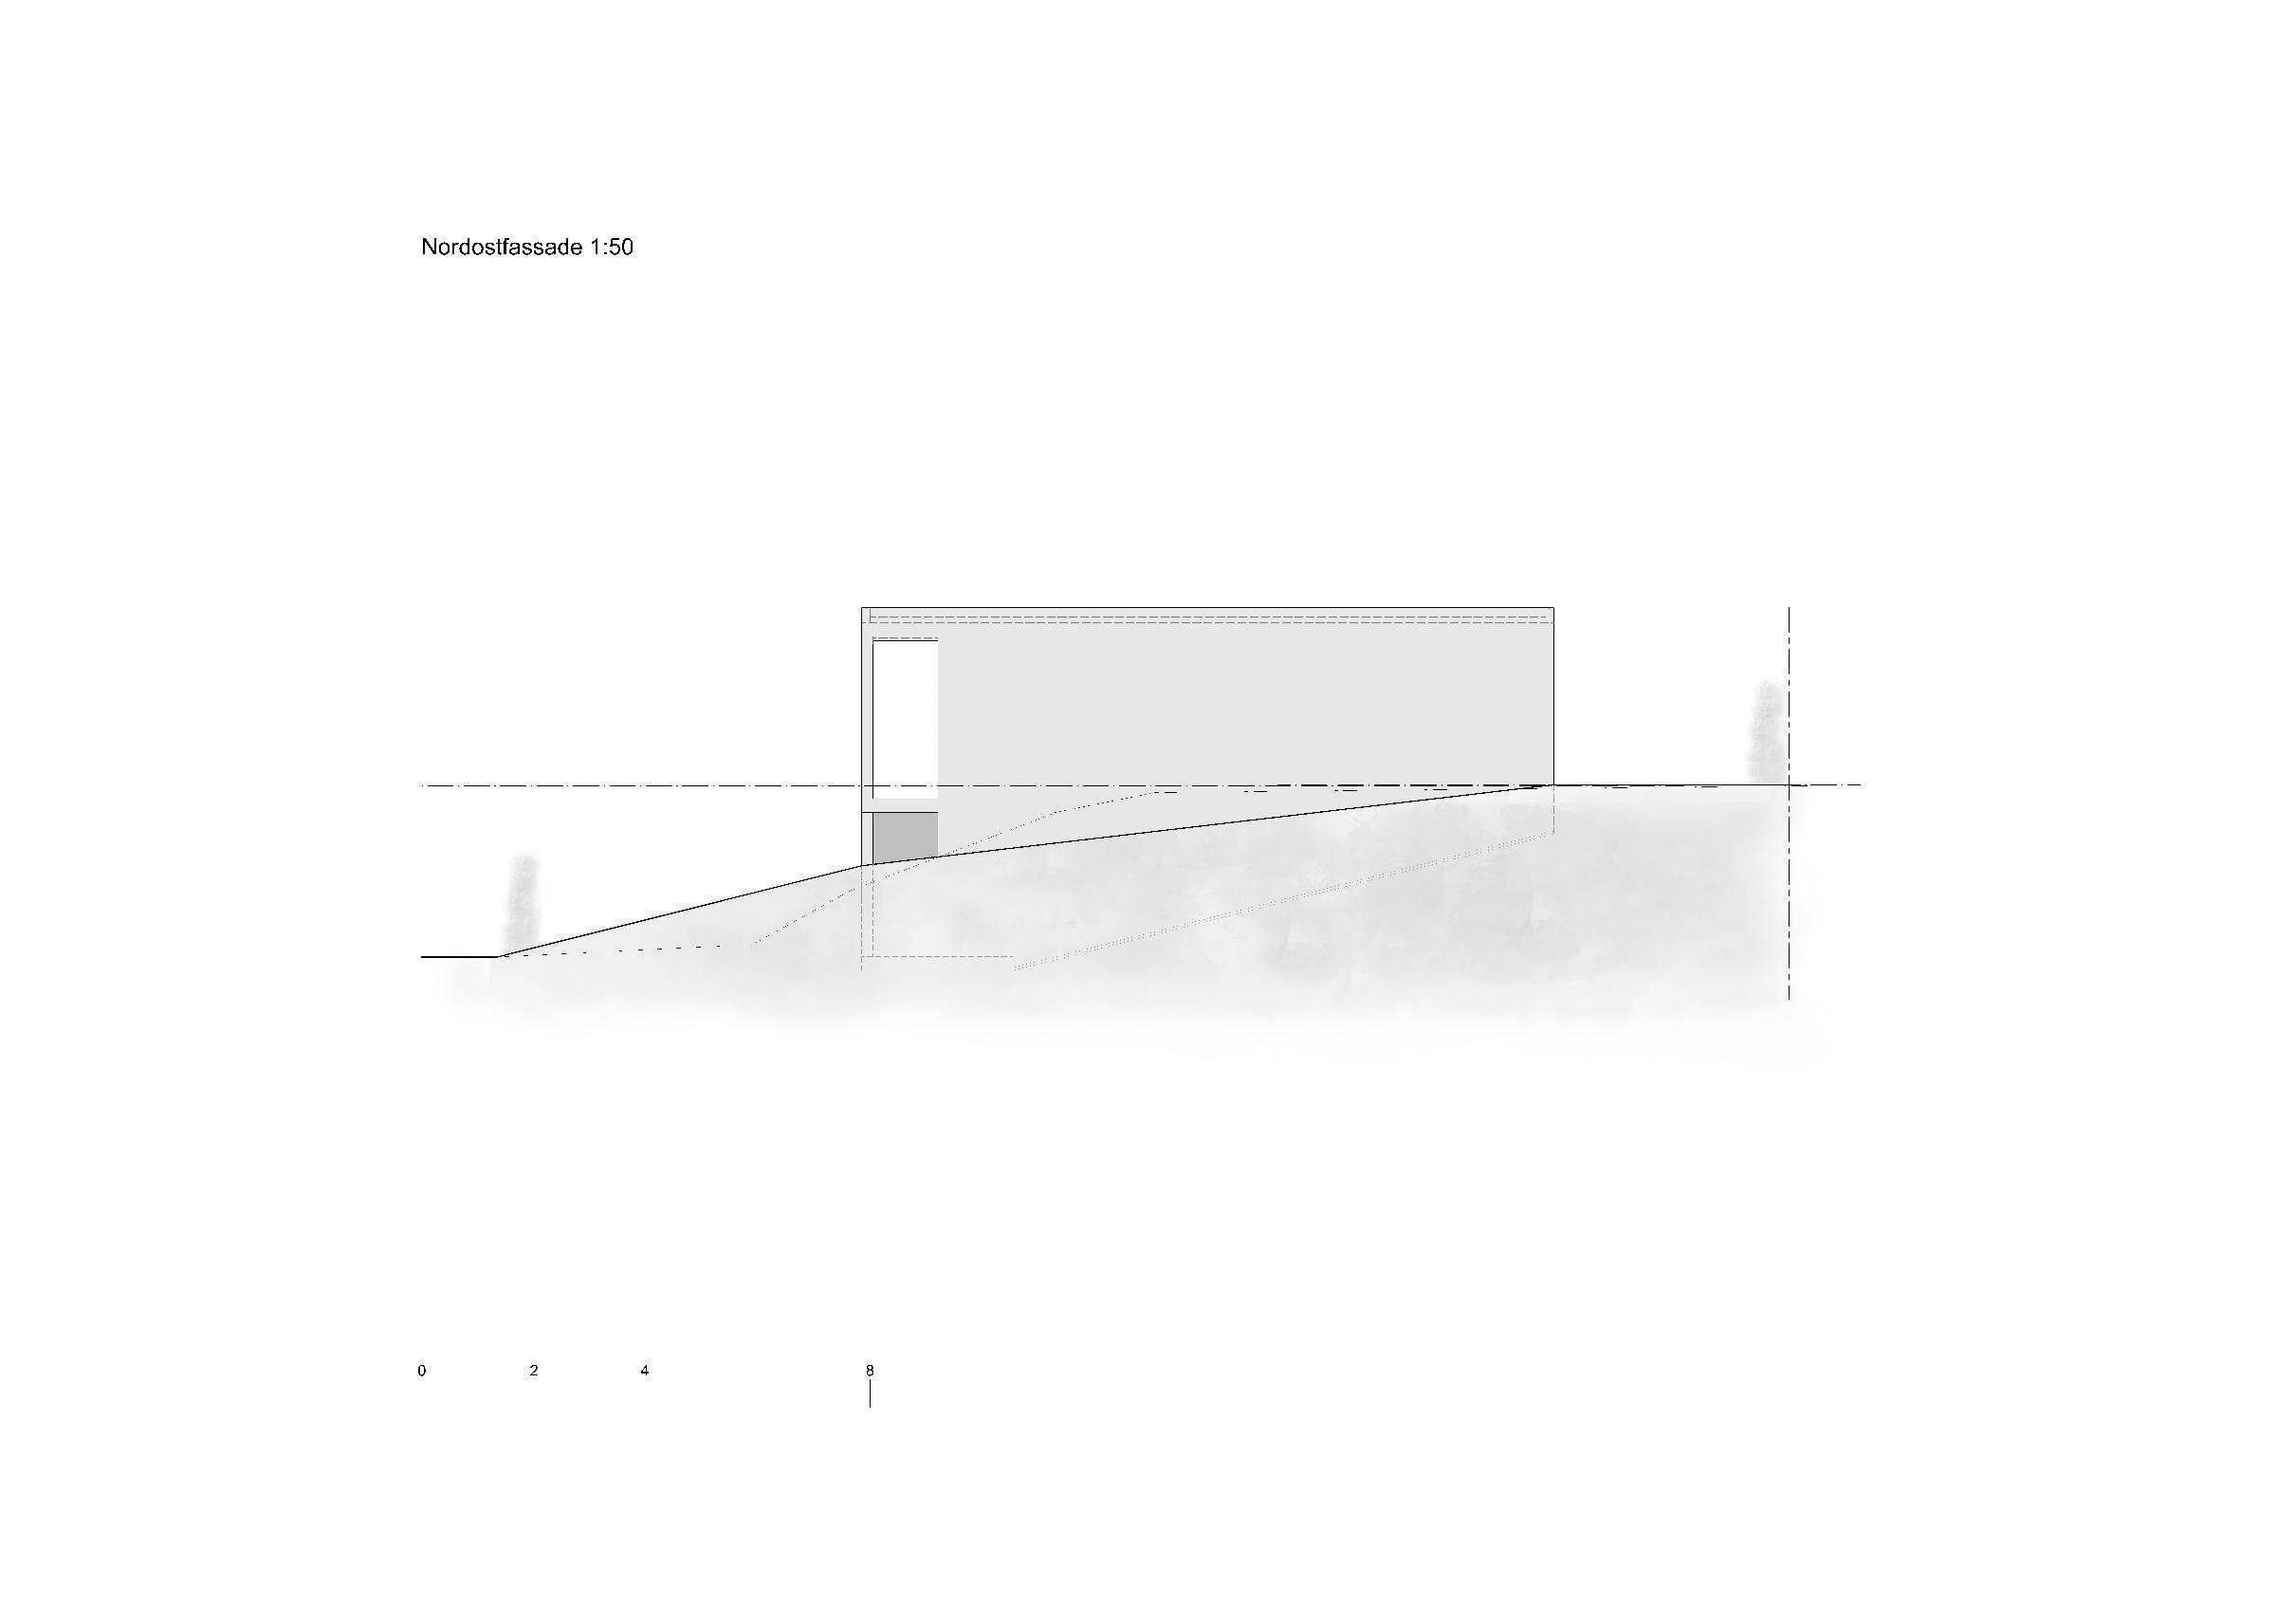 Nordostfassade 1:50 Ersatzneubau - Bungalow Mediterrano von Studio Baumann